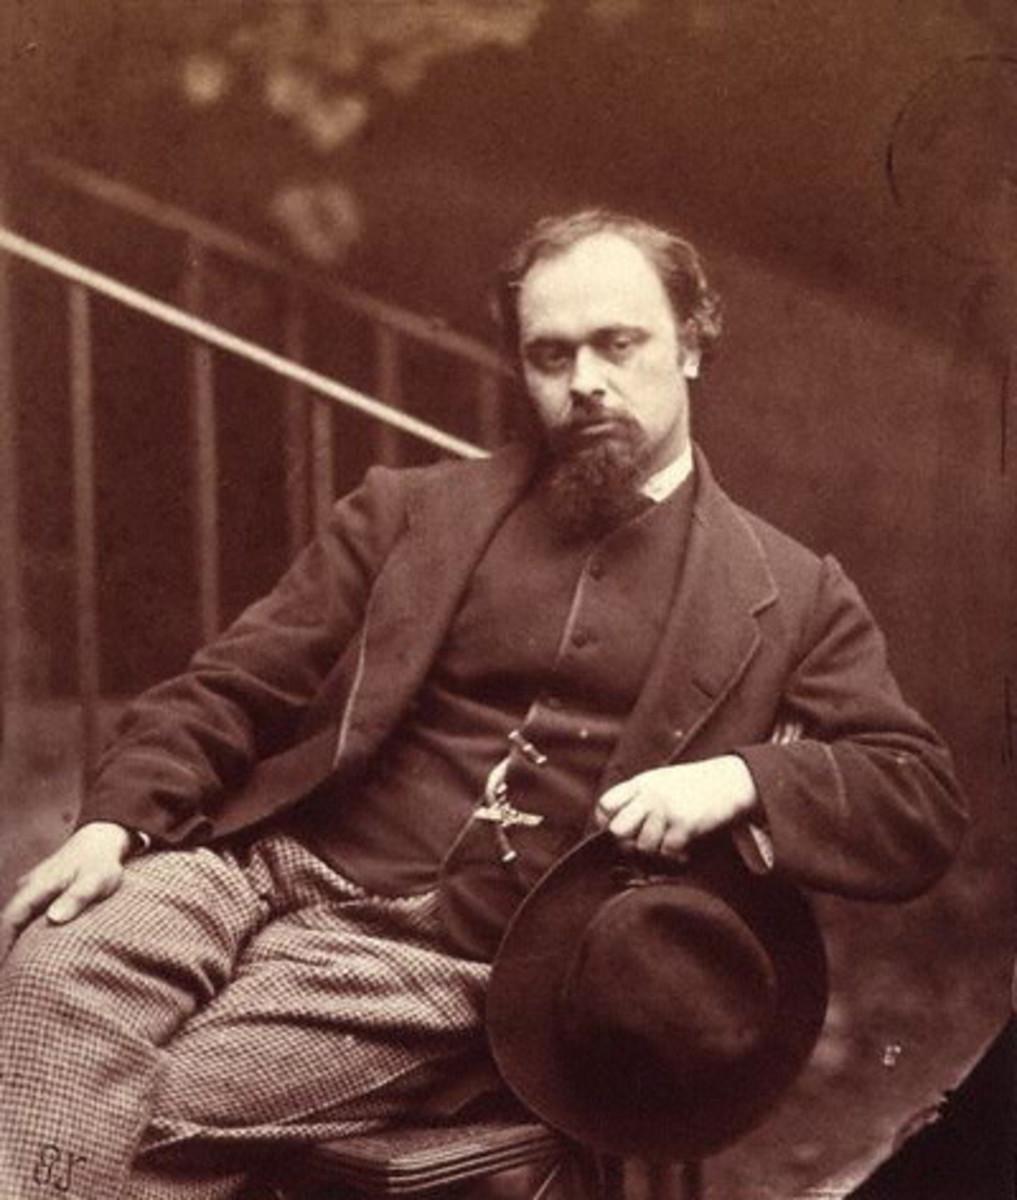 Photo of Dante Gabriel Rossetti by Lewis Carroll in 1863.